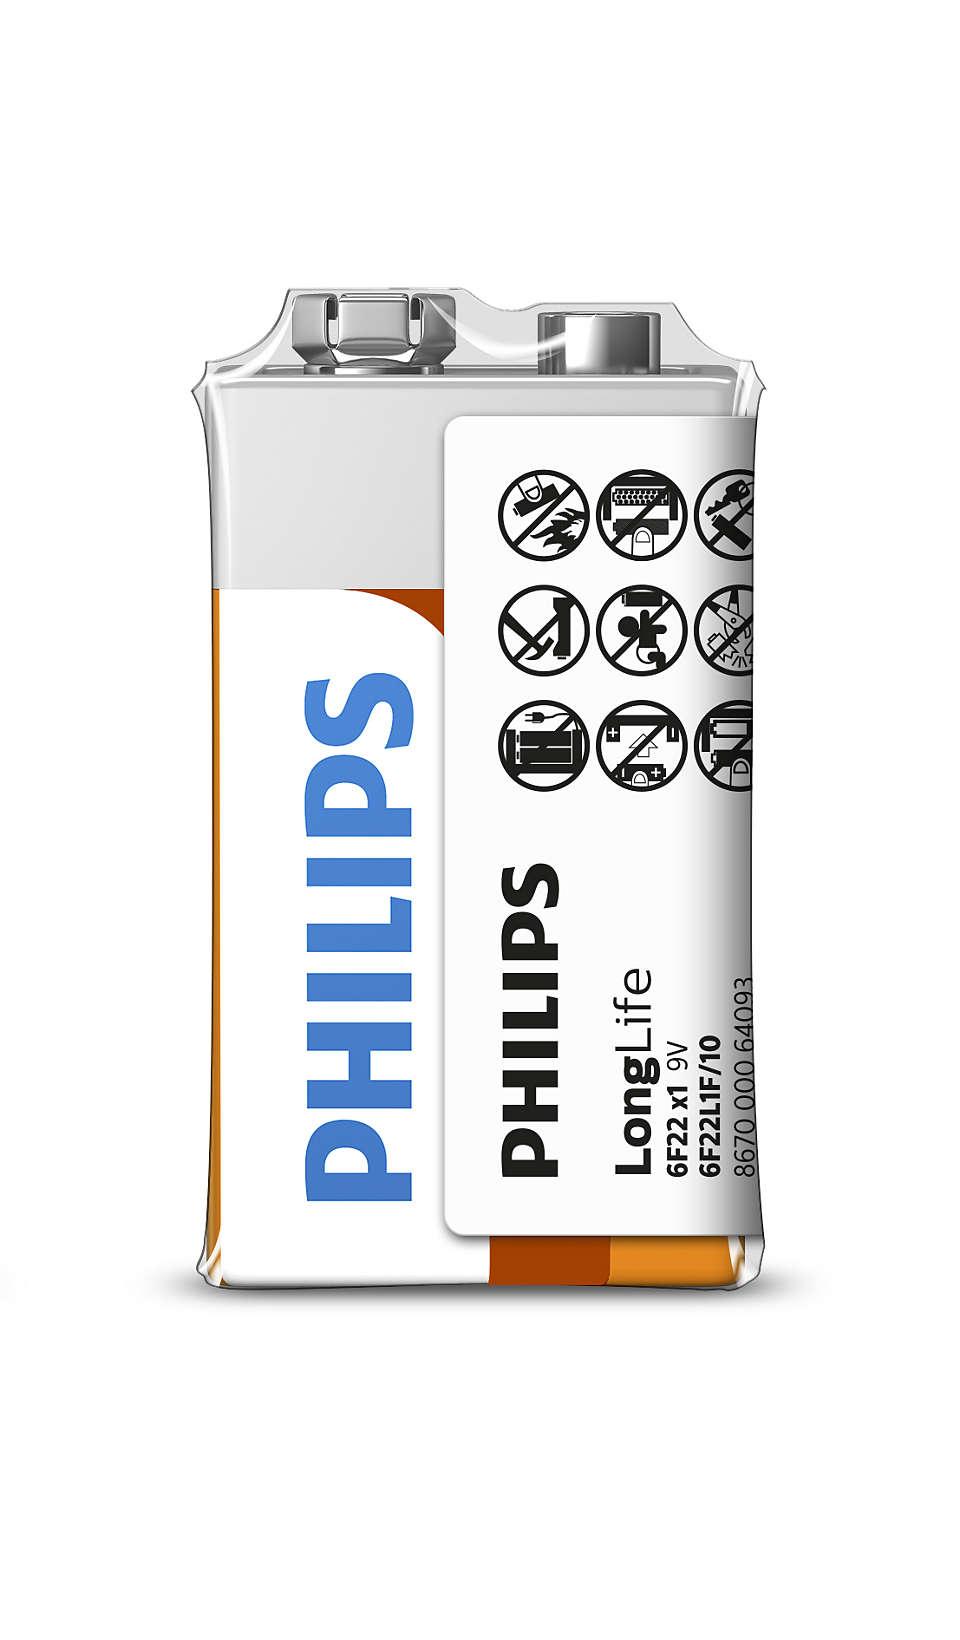 Vislabākās maza strāvas patēriņa ierīču baterijas